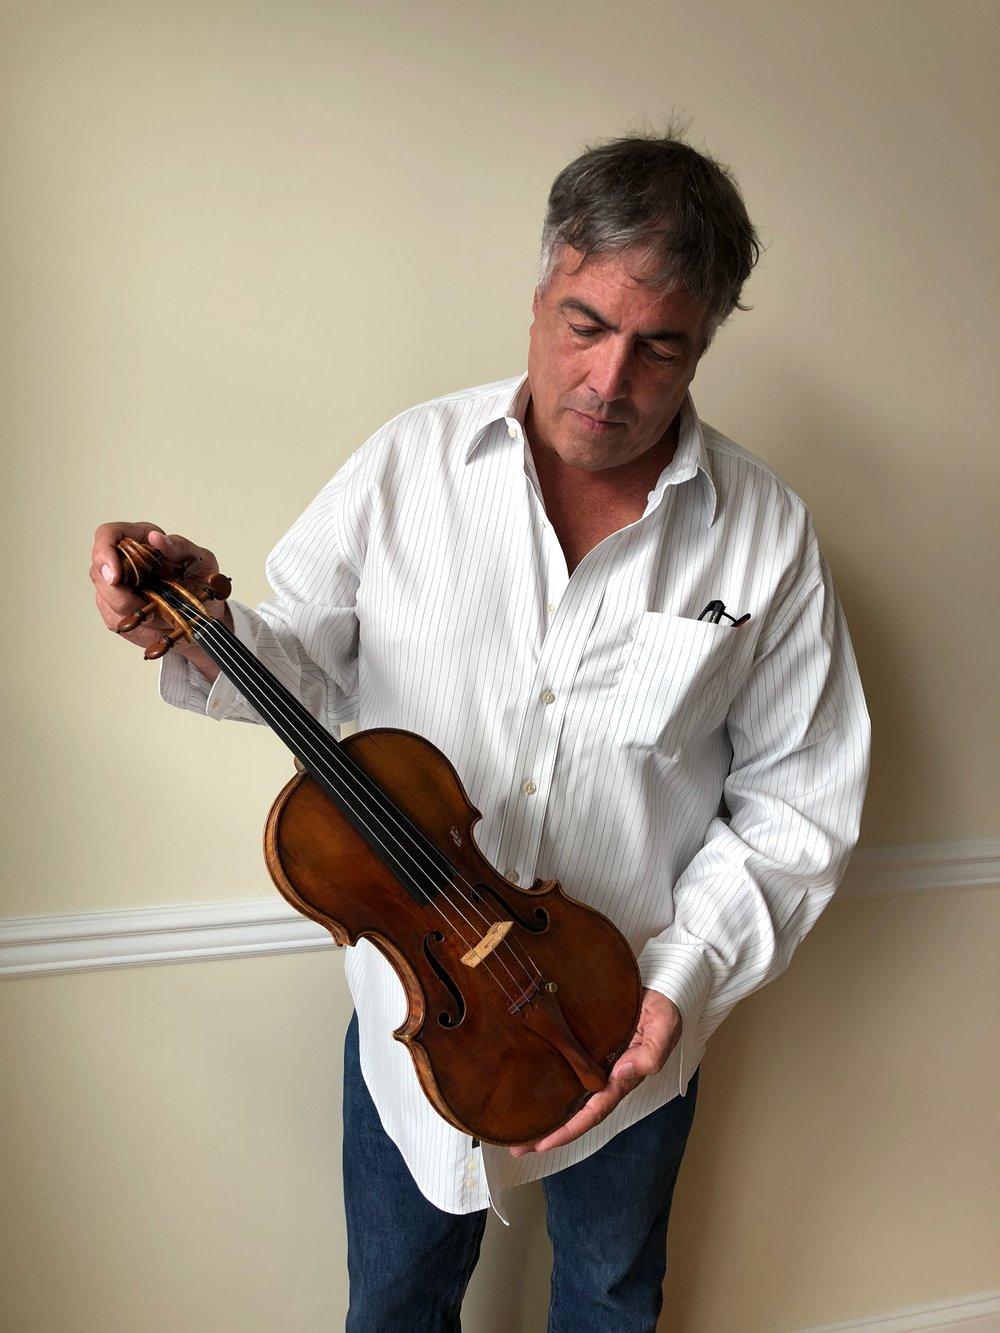 Pepito's Violin